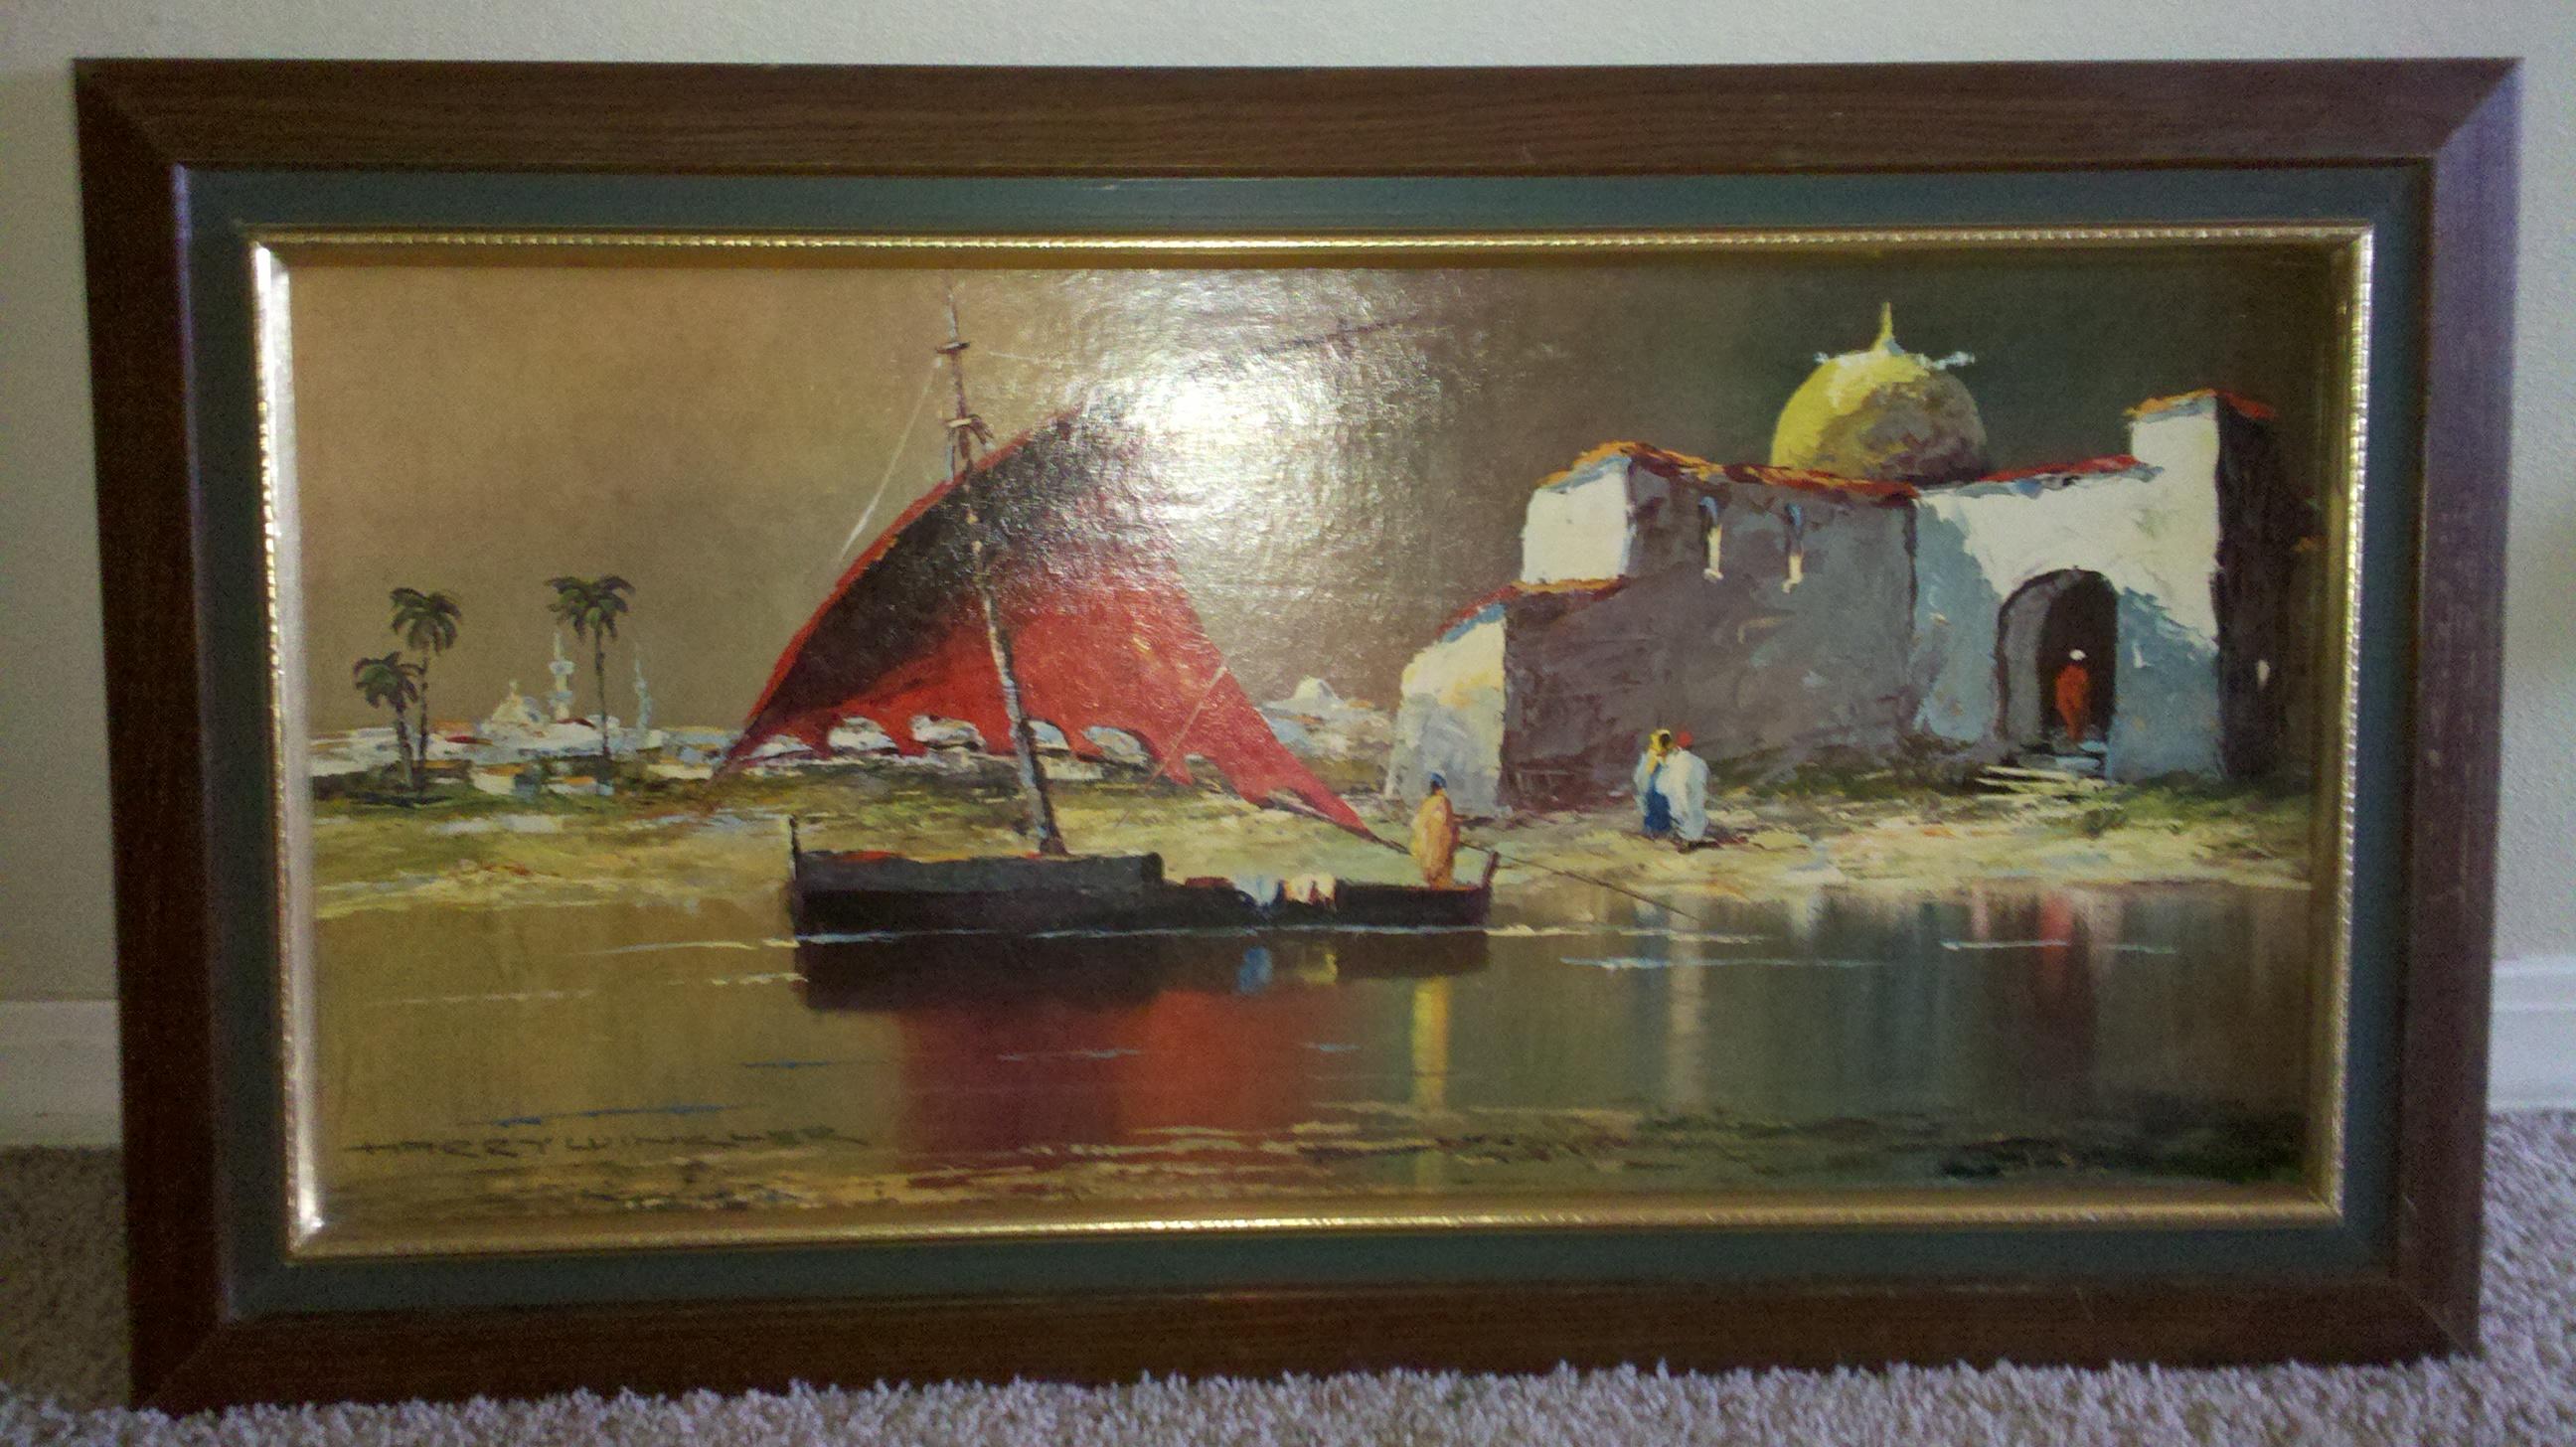 Harry Winkler Oil Painting Antique Appraisal Instappraisal